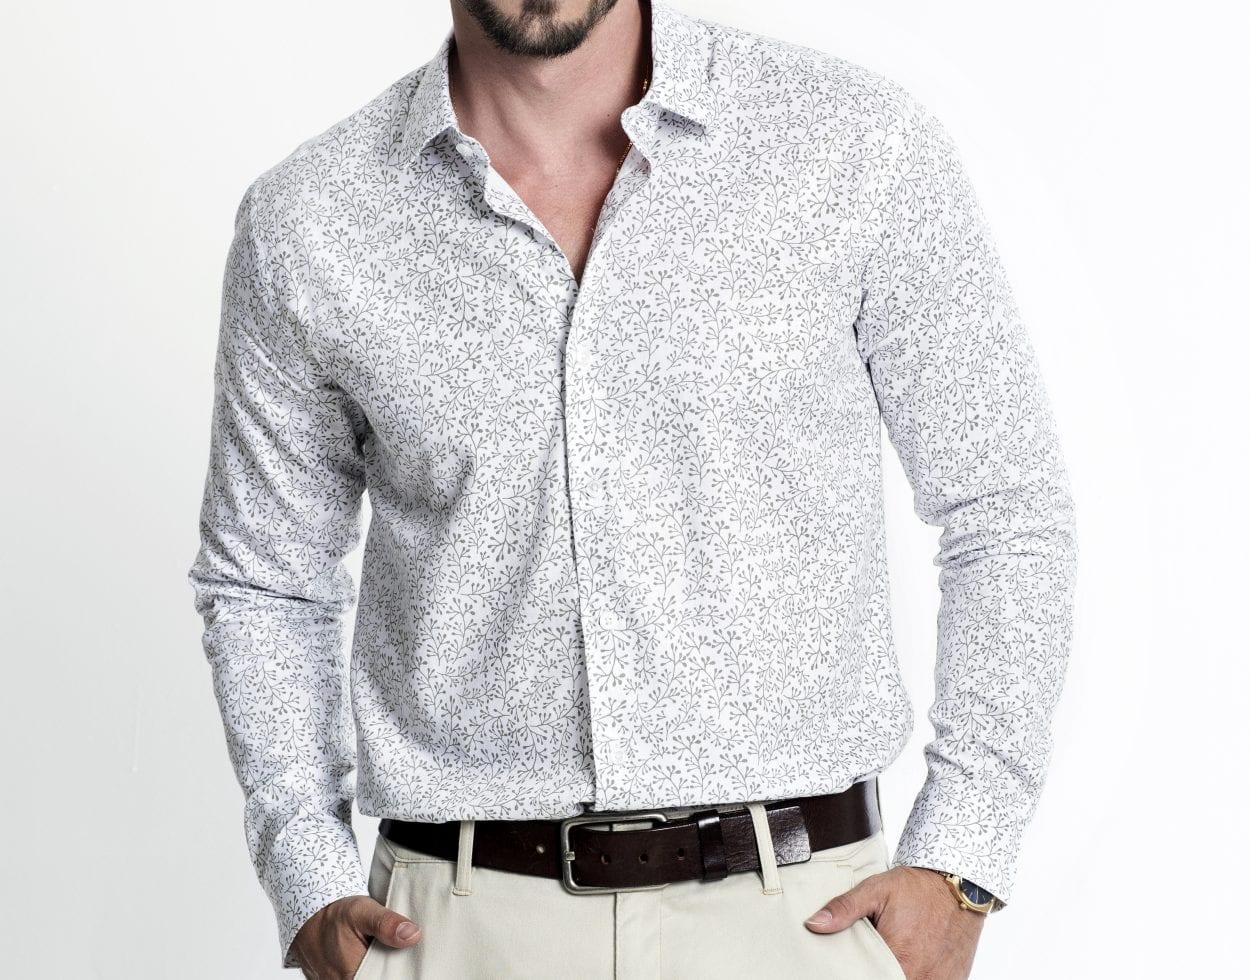 Camisa para dentro ou para fora da calça?